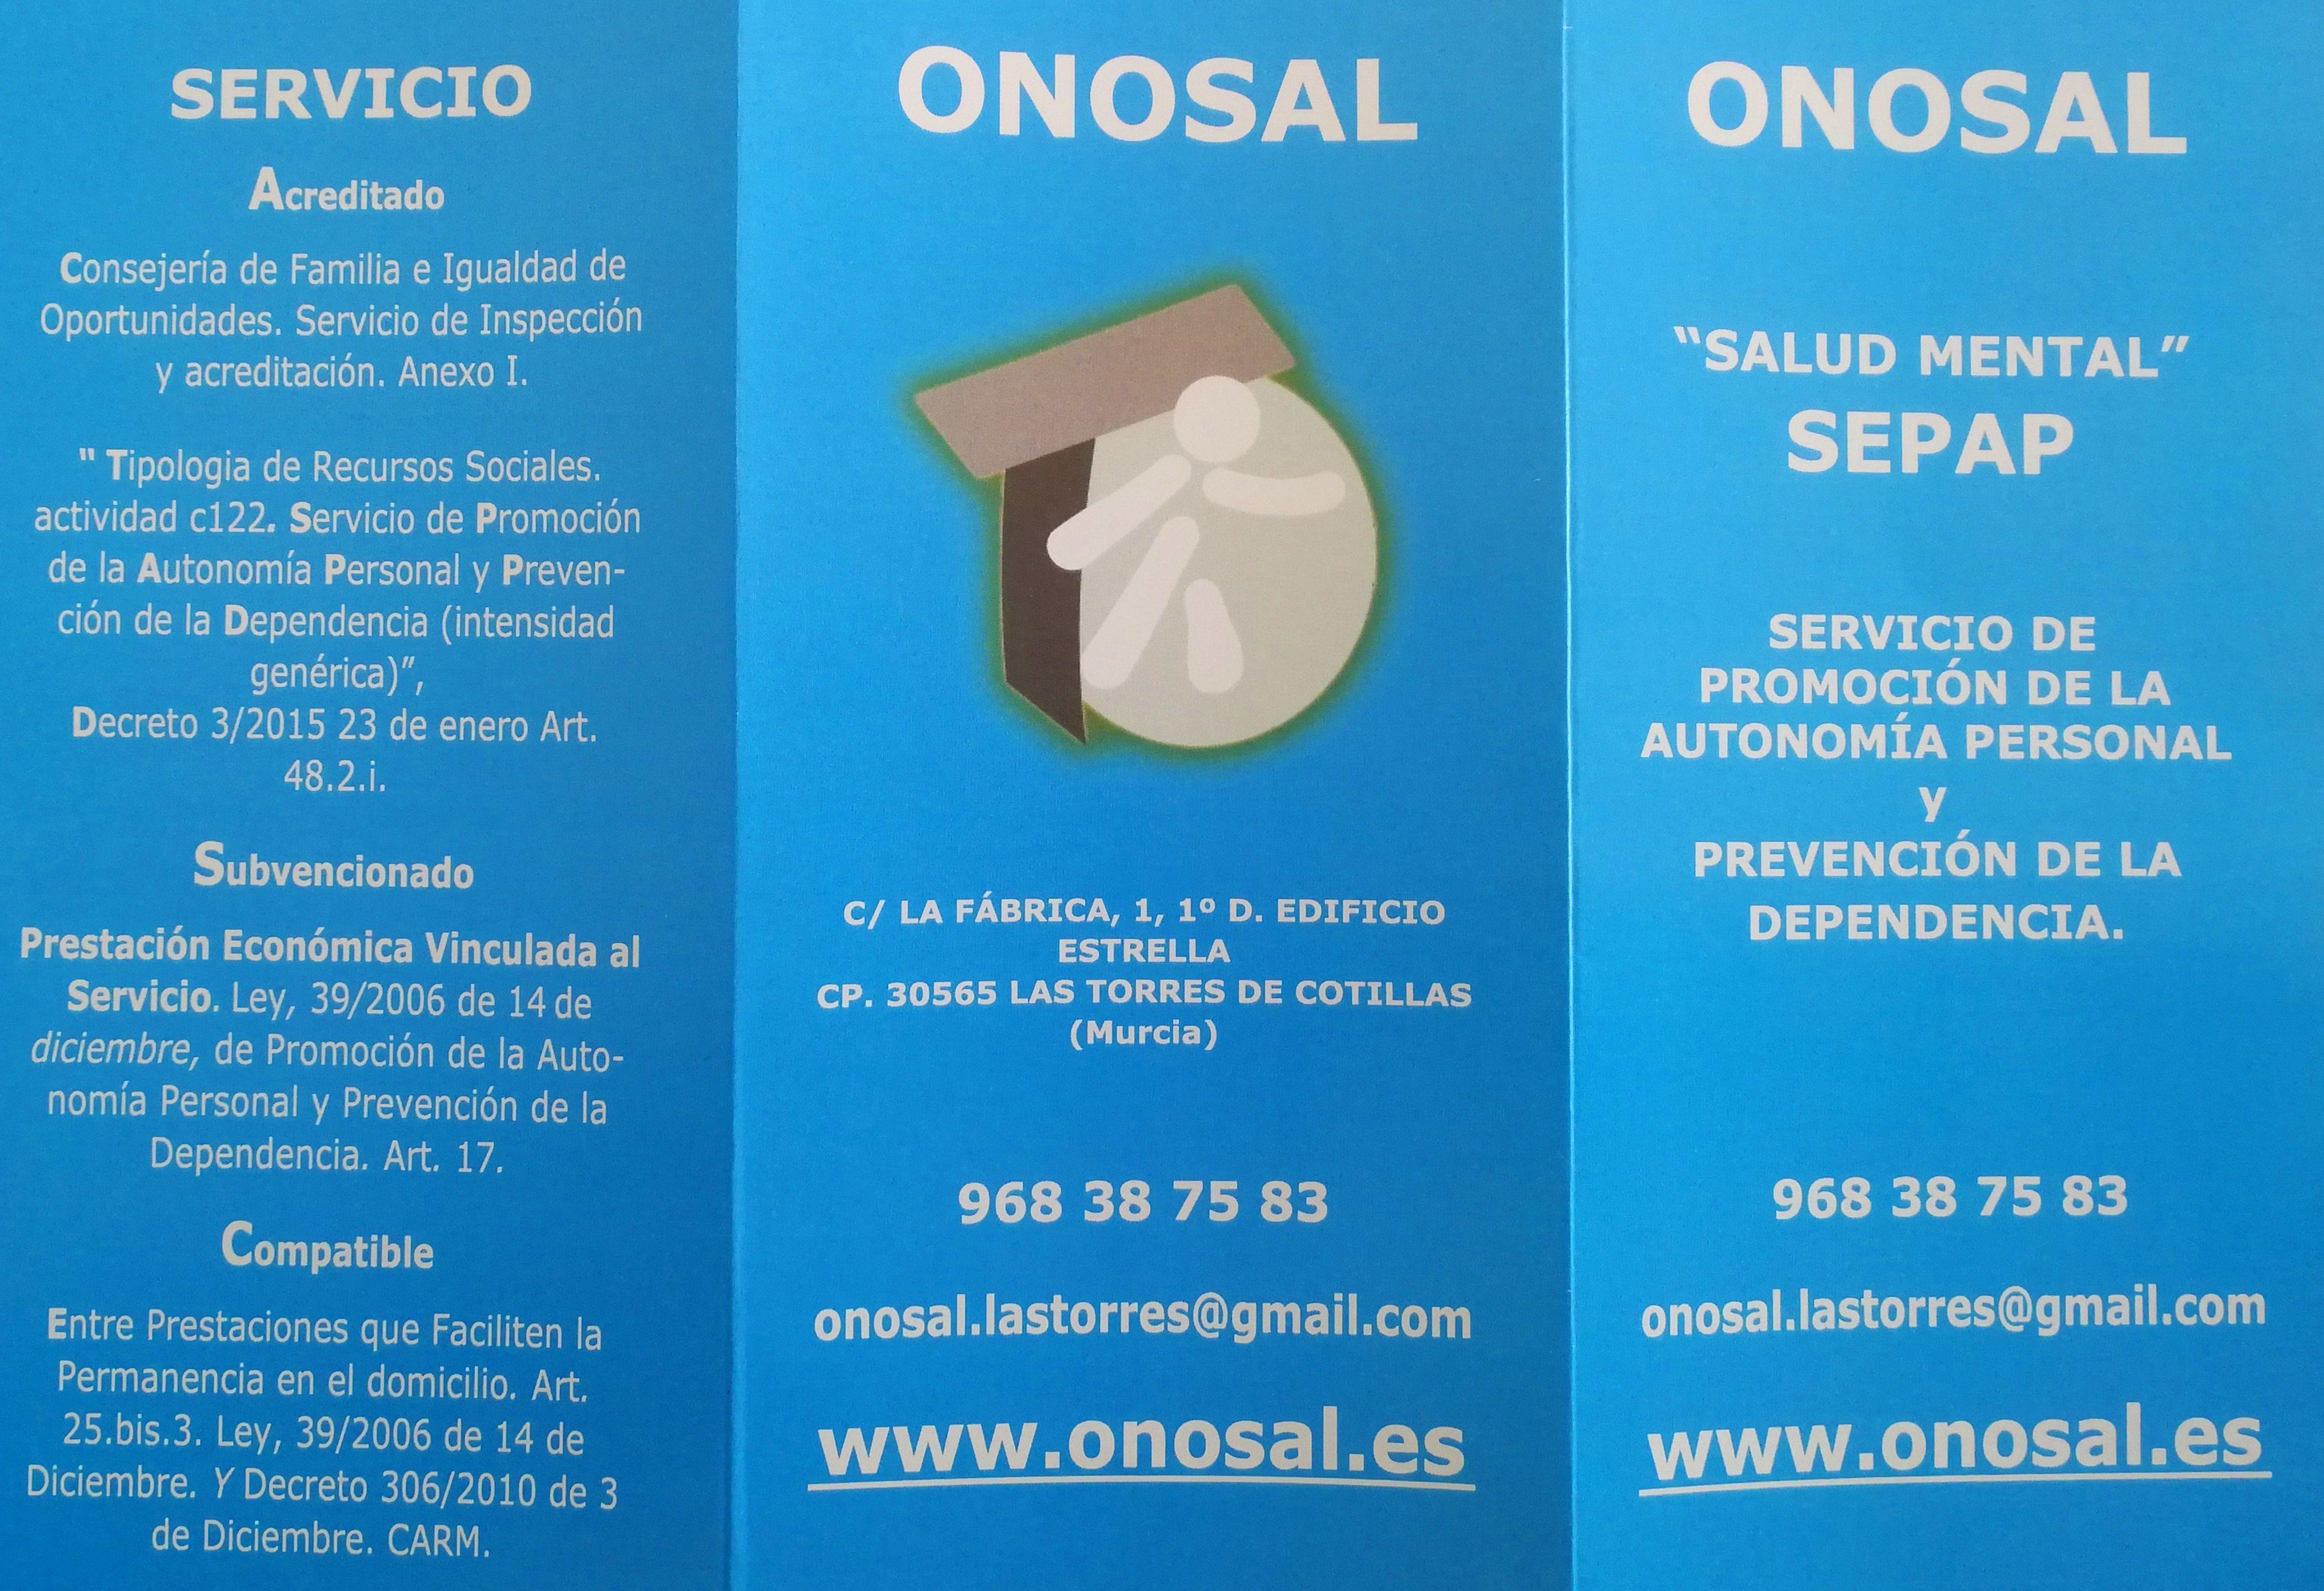 SERVICIO DE PROMOCIÓN DE LA AUTONOMÍA PERSONAL